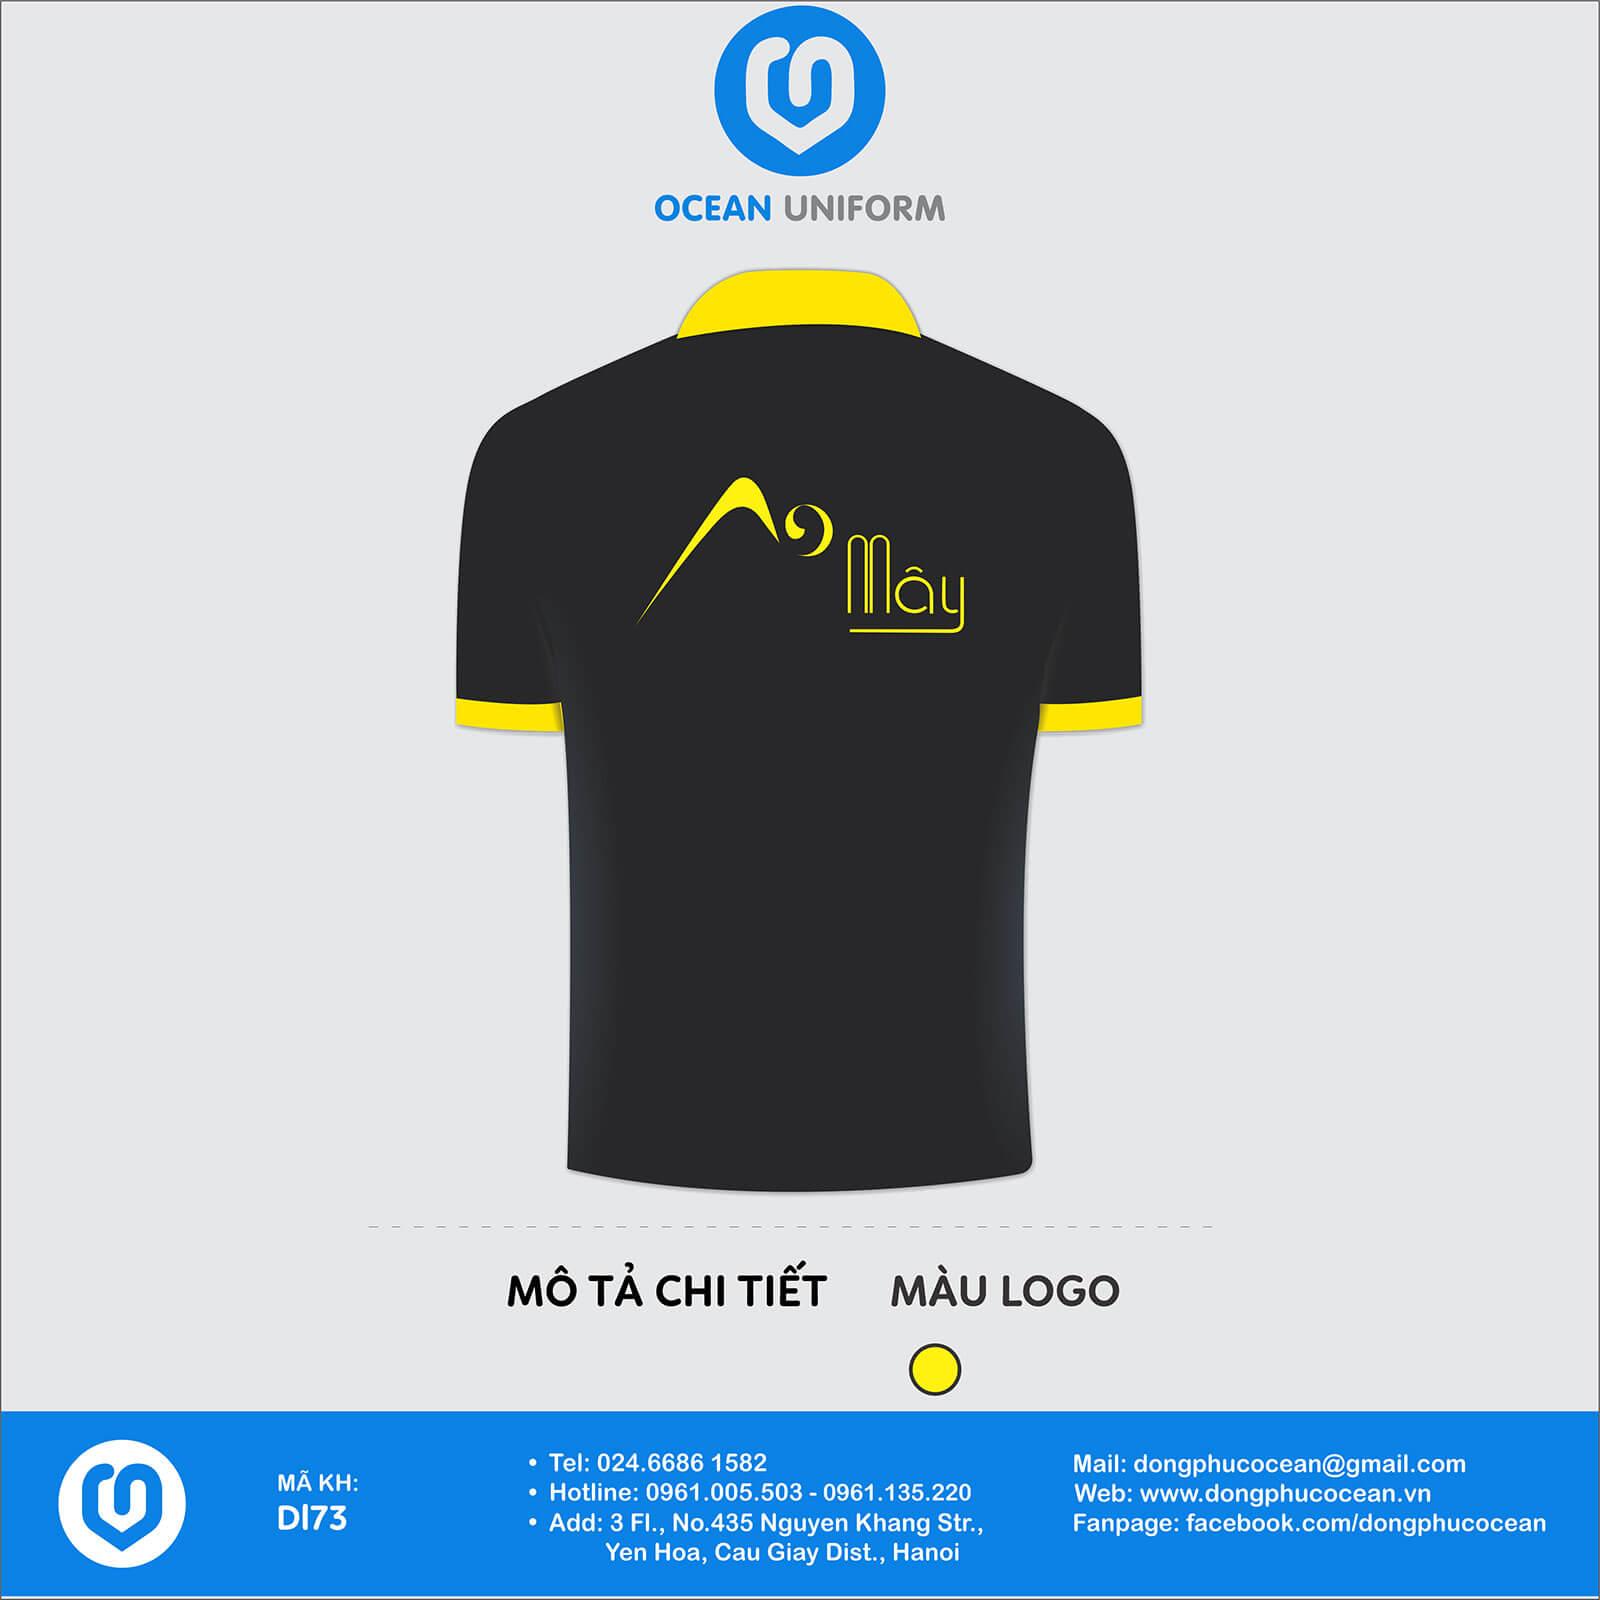 Áo thun đồng phục công ty Áo đen logo vàng mặt sau